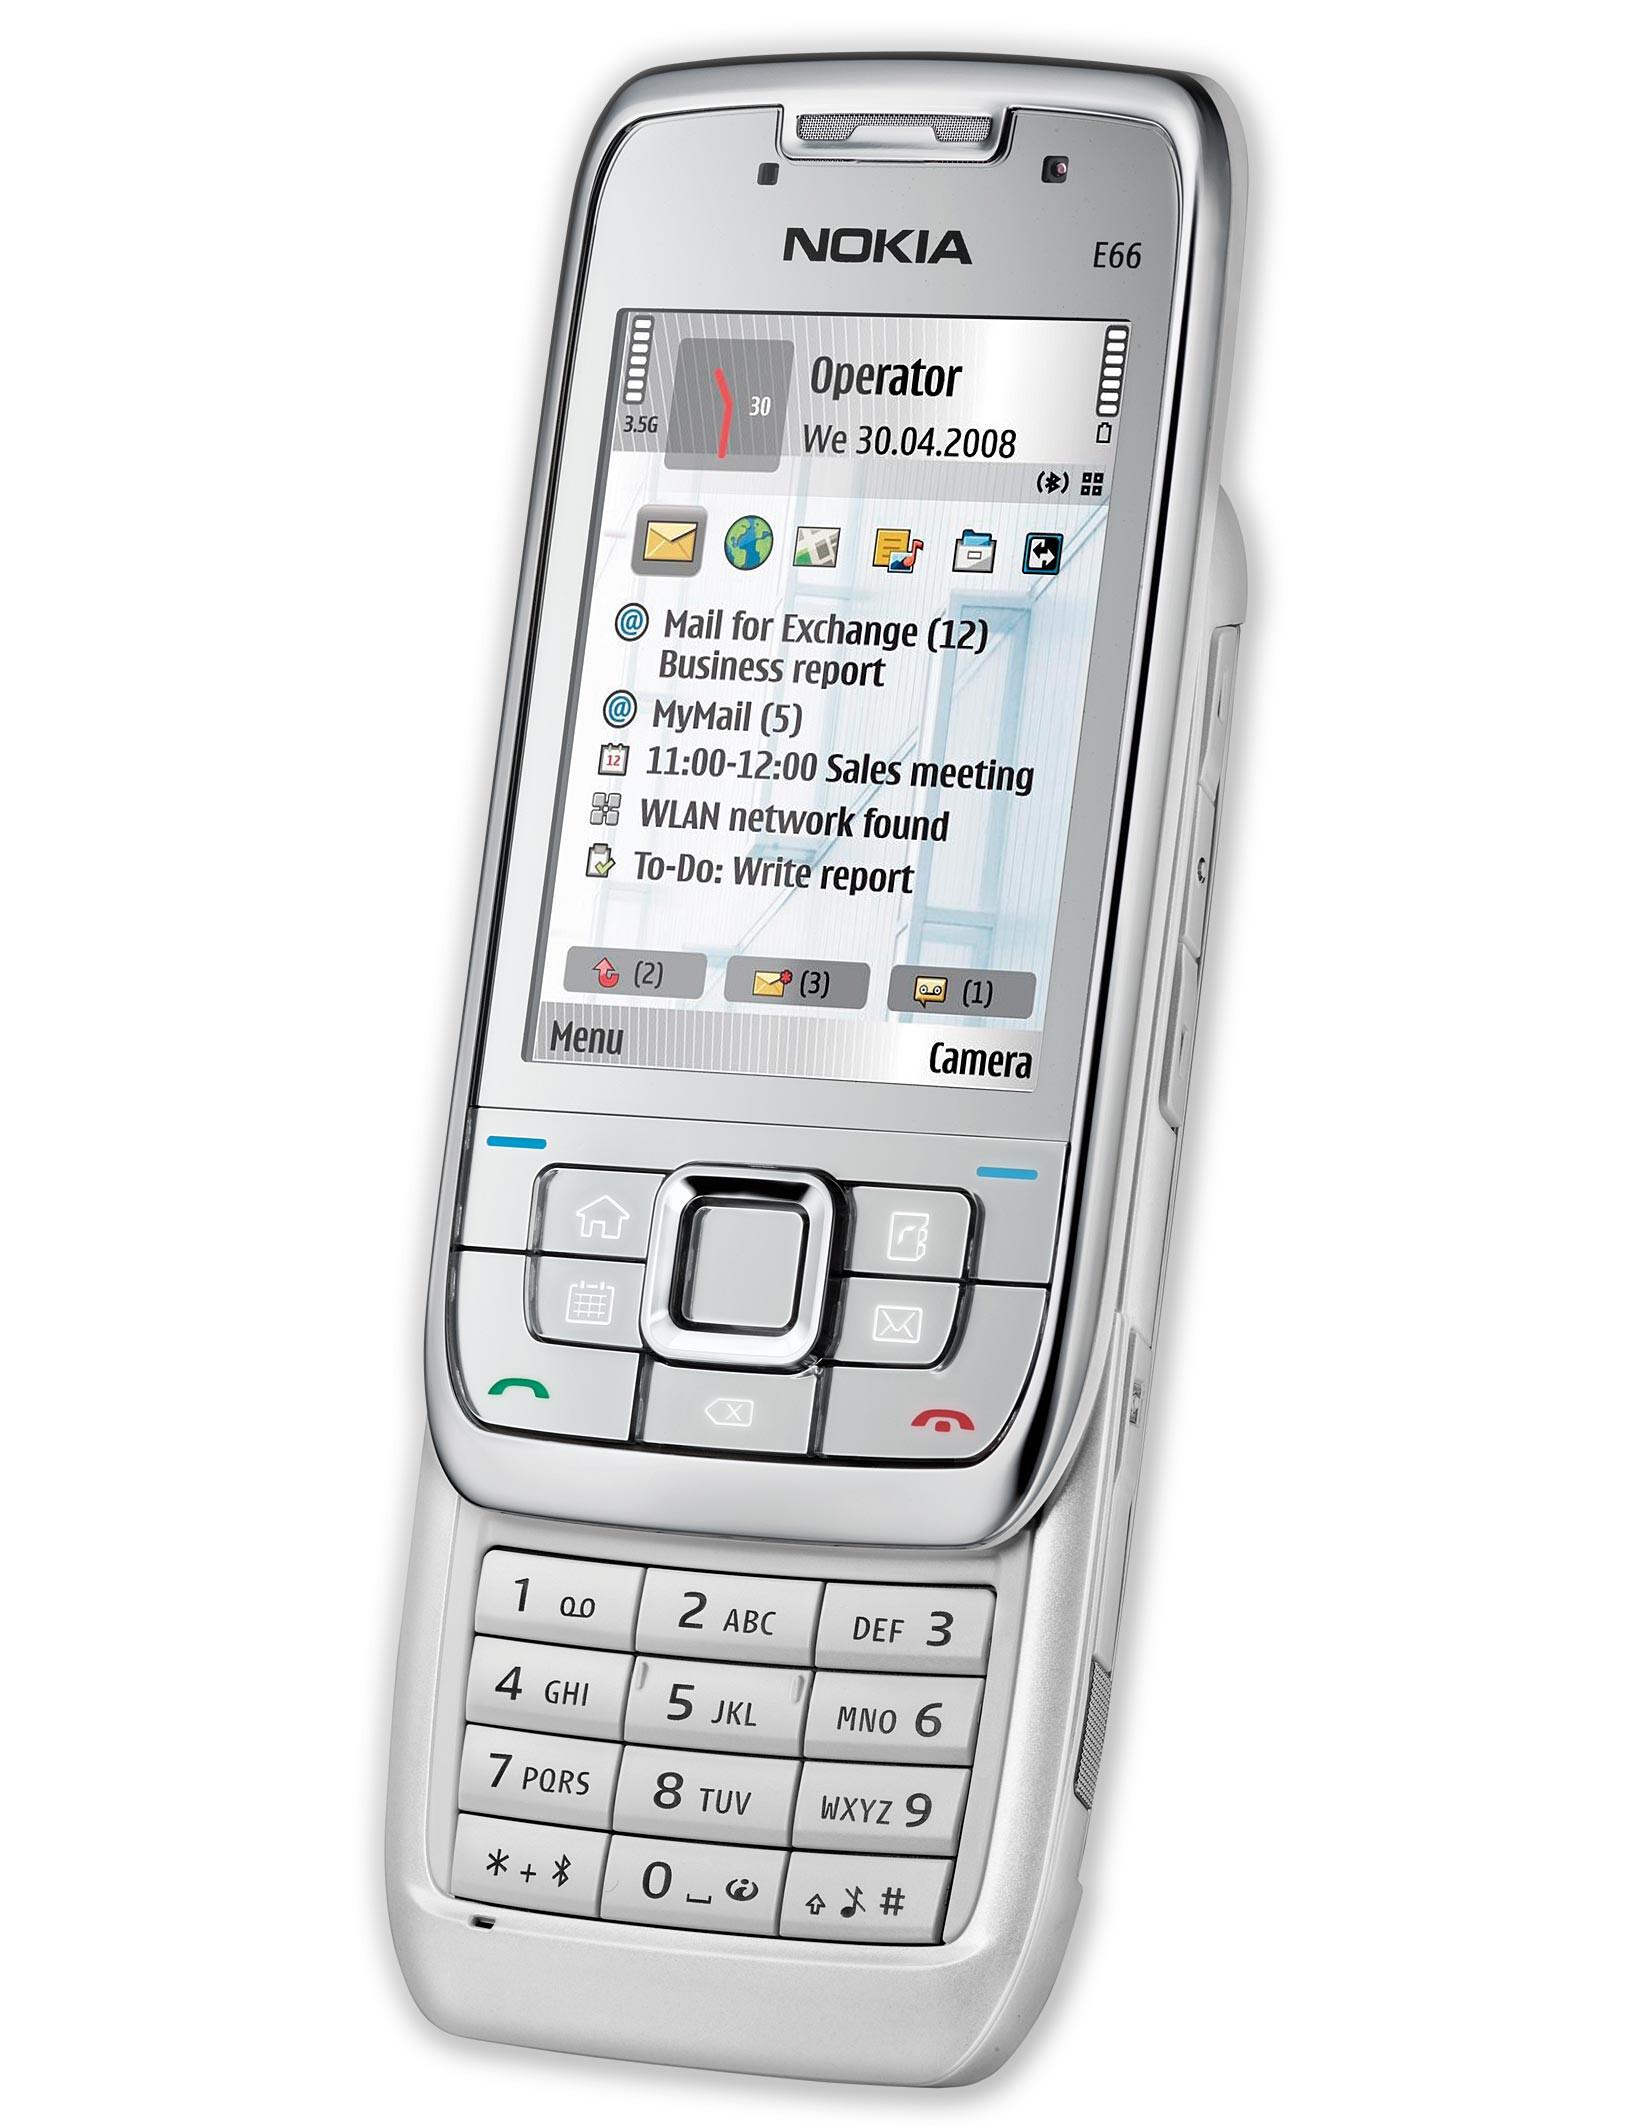 Nokia E66 specs